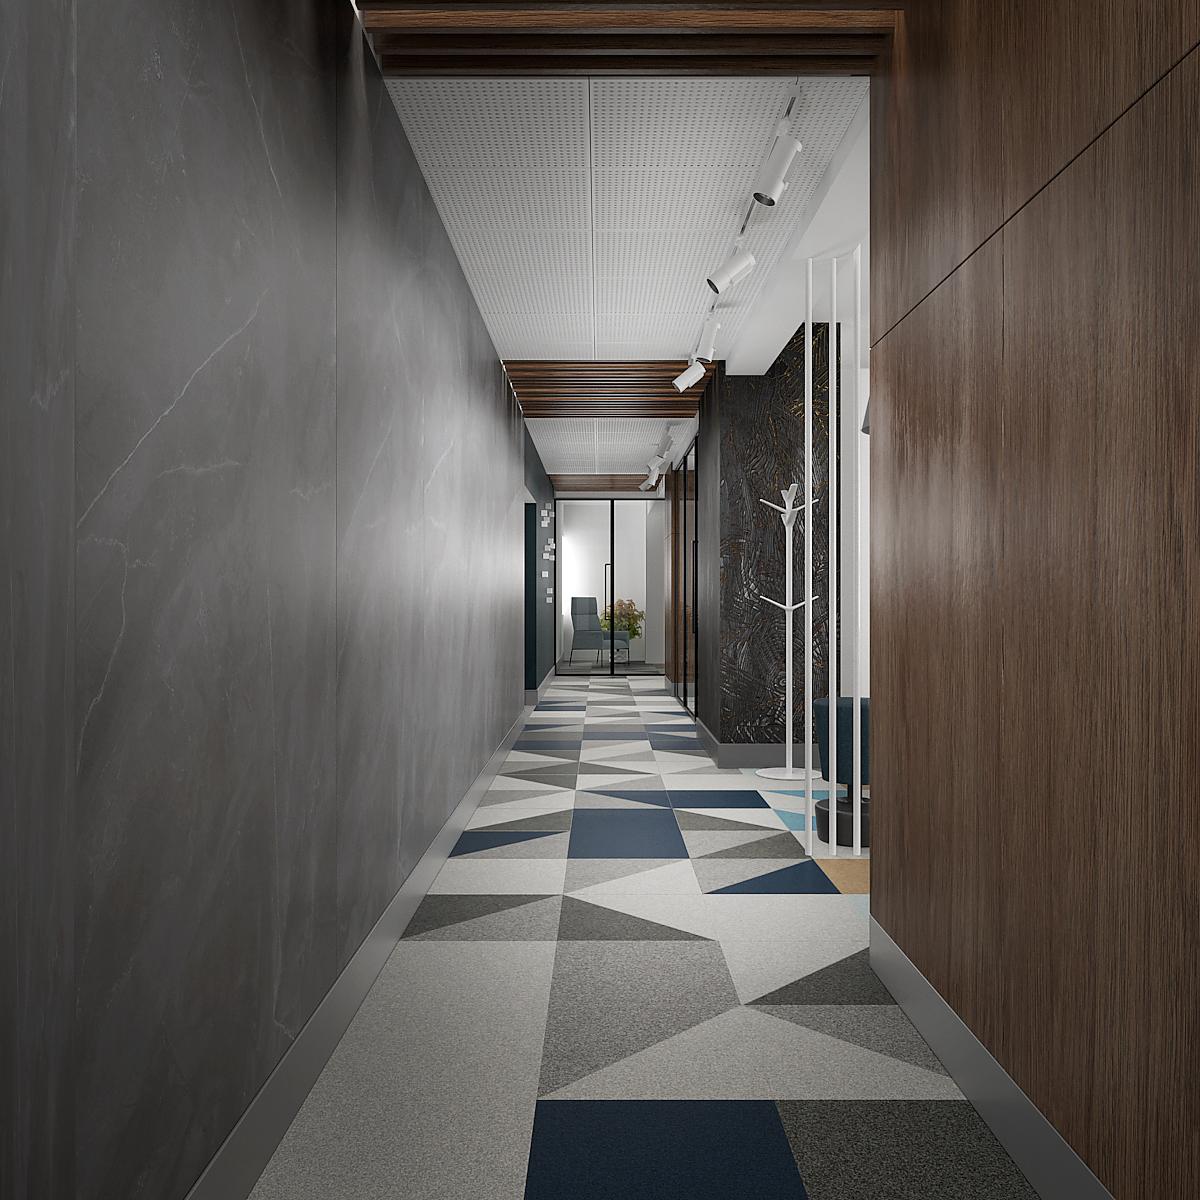 6 projekt biura B247 Kancelaria warszawa korytarz wykladzina w geometryczne wzory plyta meblowa na scianie plytki wielkoformatowe drzwi loftowe